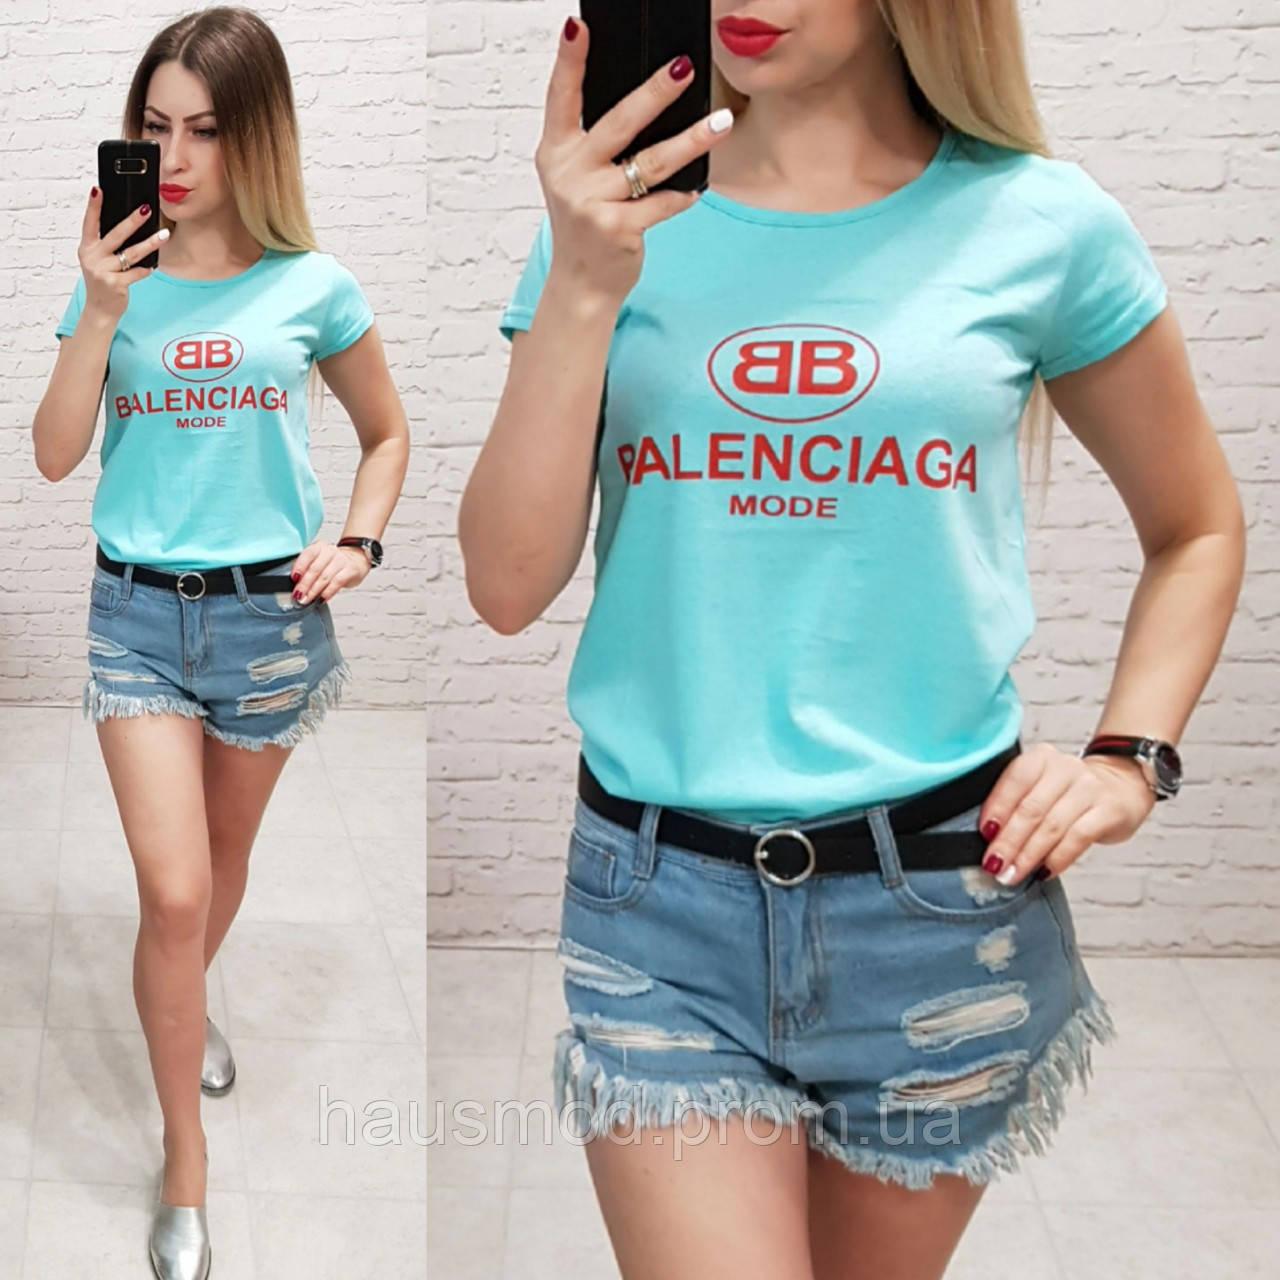 Футболка женская летняя реплика Balenciaga качество турция цвет голубой